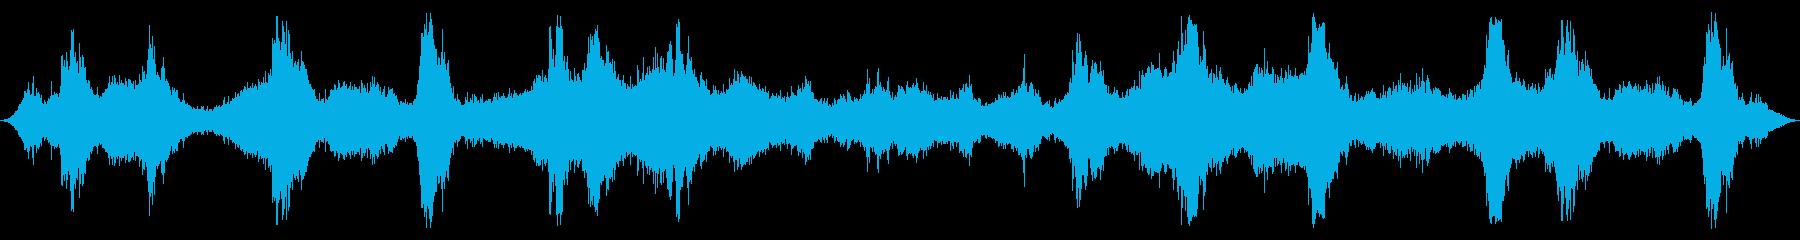 オーシャン:重い波、ラッピングクラッシュの再生済みの波形